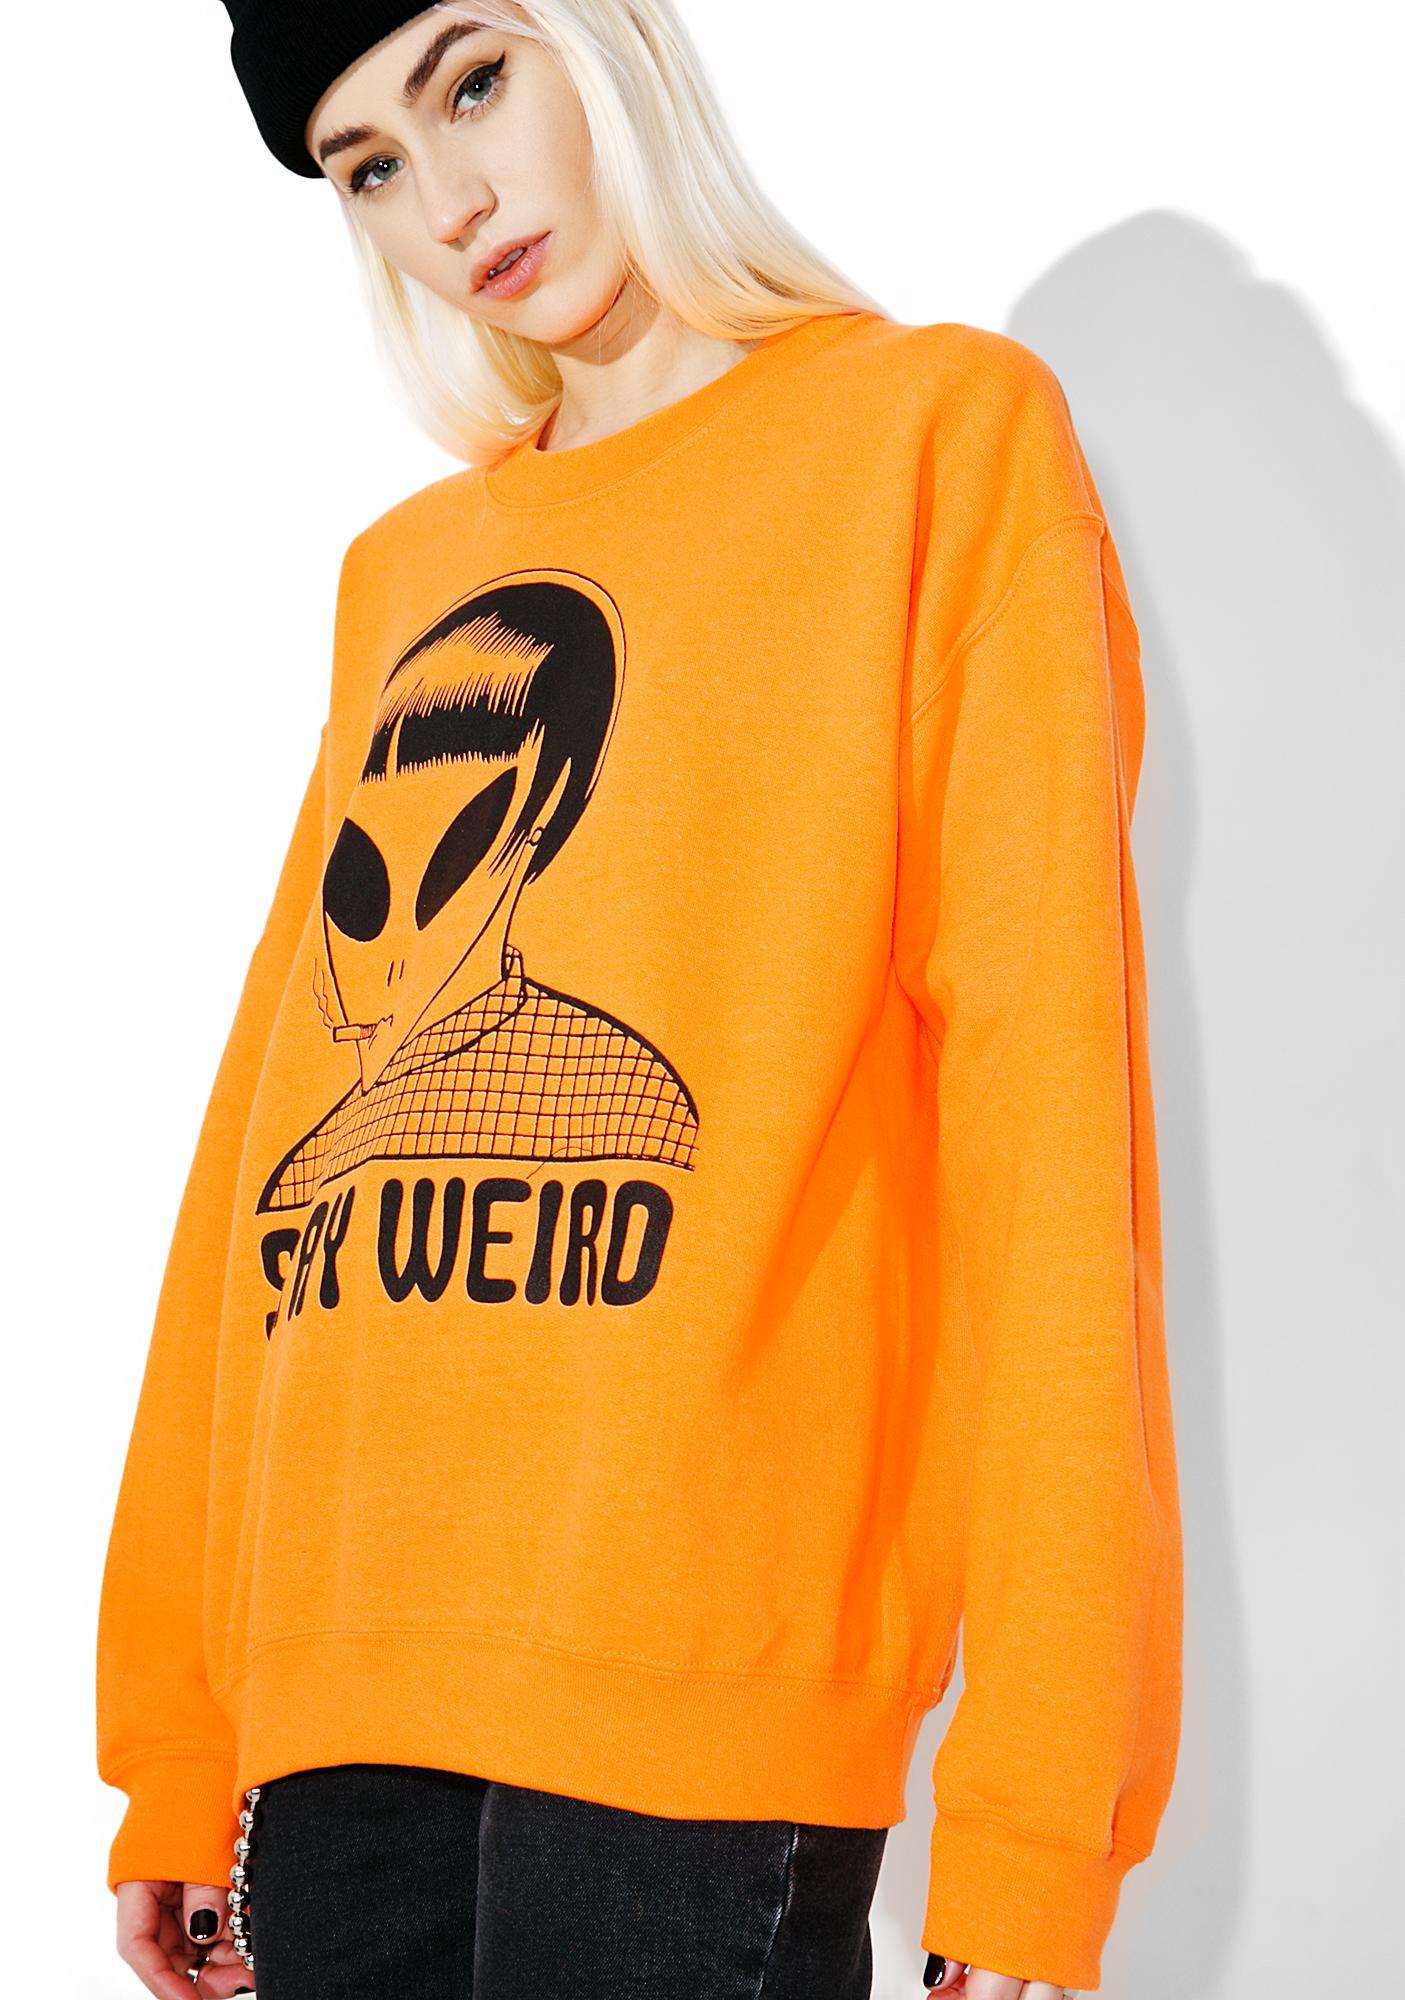 Burger And Friends Stay Weird Sweatshirt